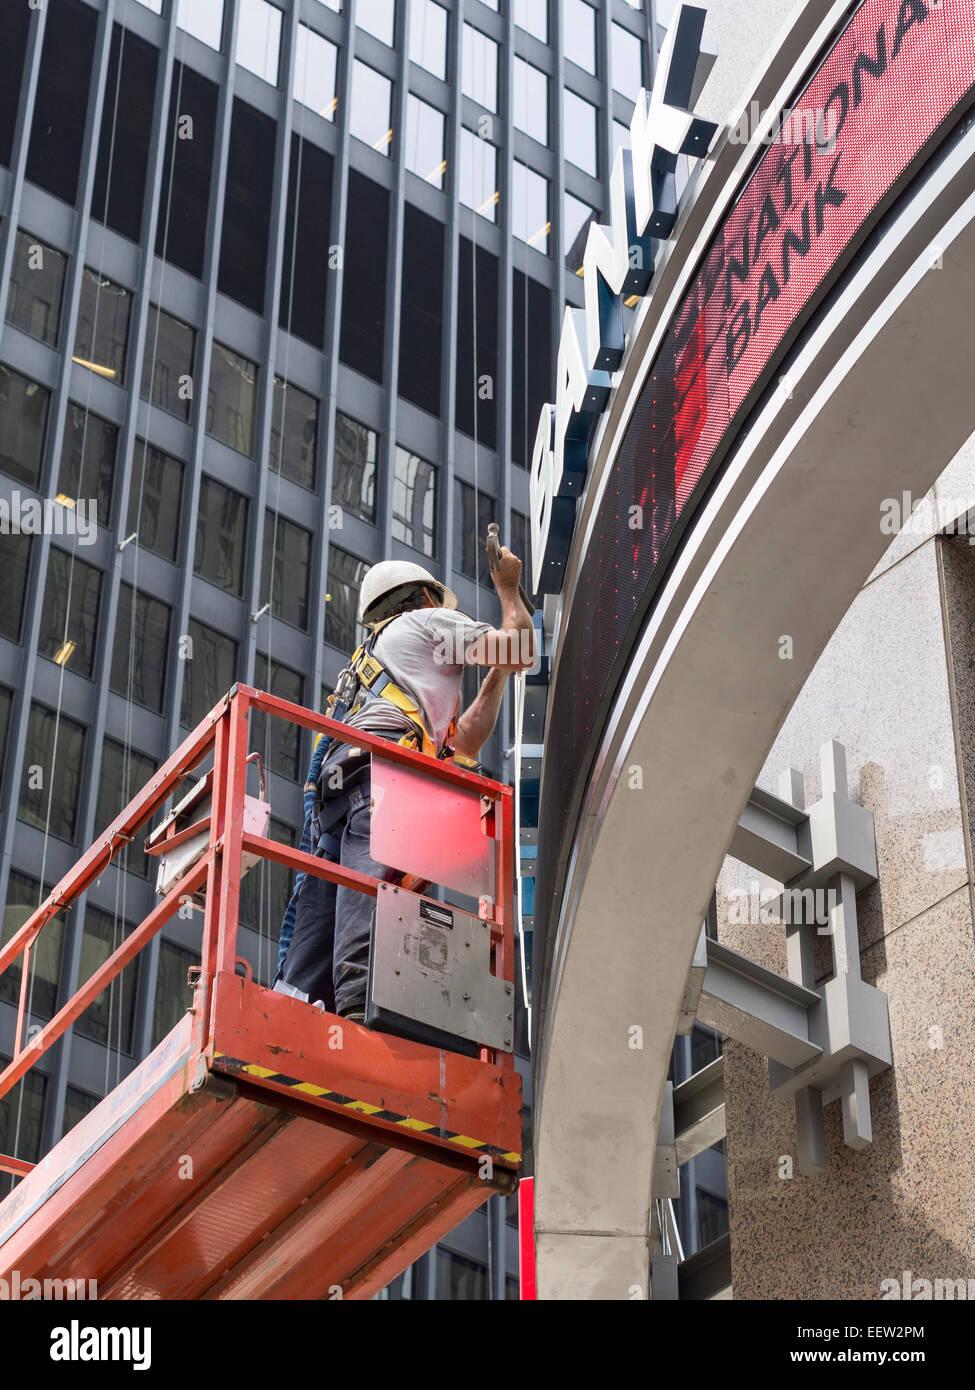 Riparazione della banca . Un lavoratore esercita un martello come lavora sulla riparazione o installazione di un Immagini Stock